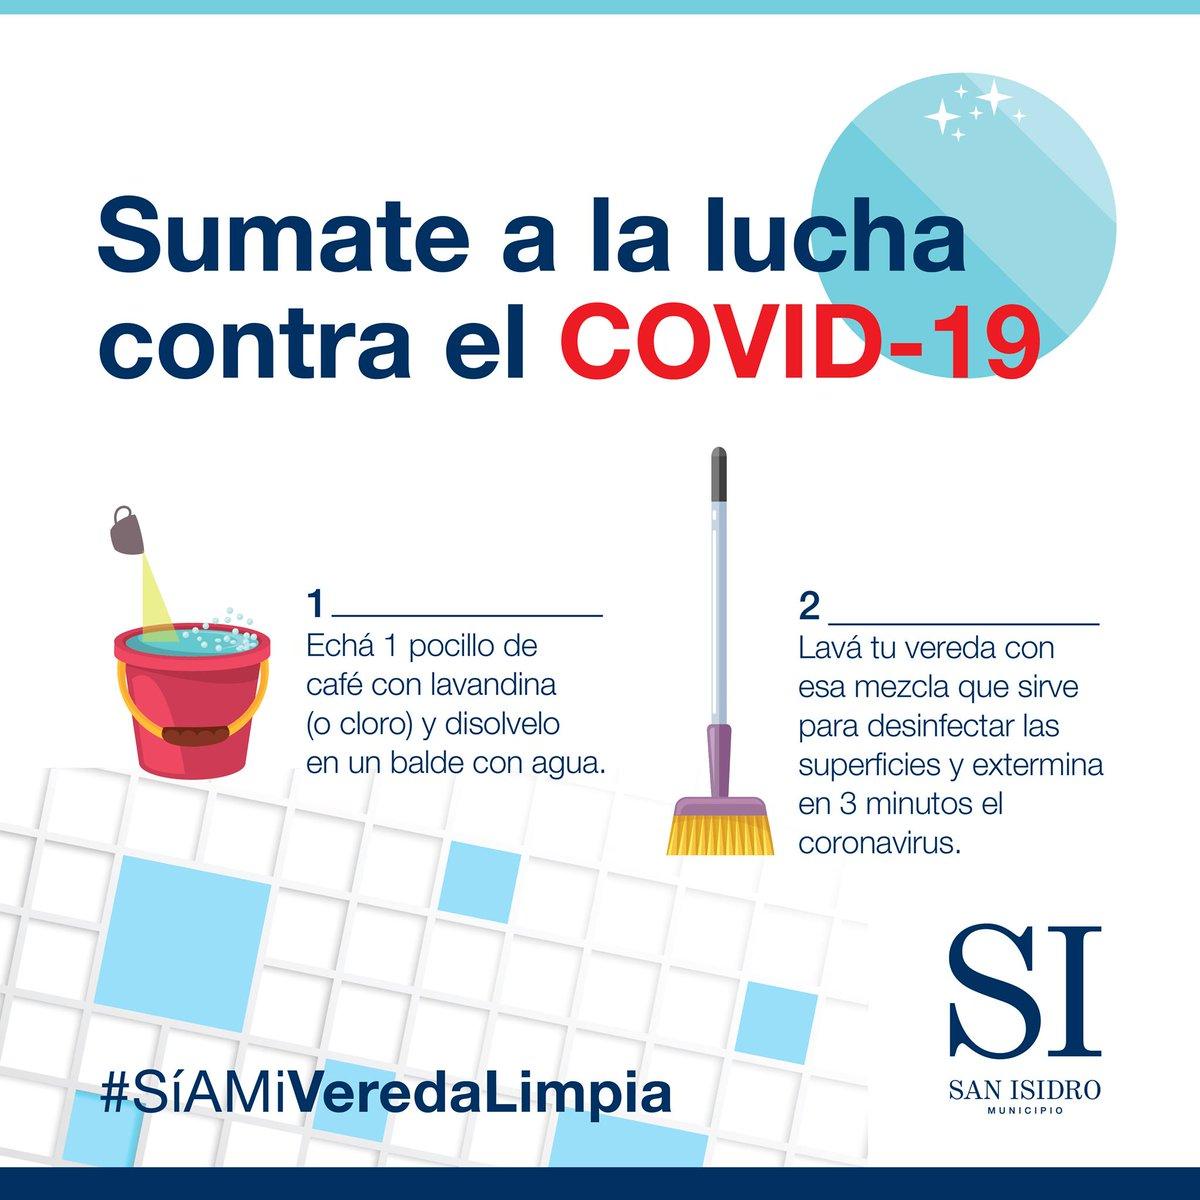 Entre todos podemos prevenir el avance del coronavirus. Te invitamos a mantener la vereda limpia utilizando lavandina. #SíAMiVeredaLimpia #Prevención #Coronavirus https://t.co/dawjFCCyF8